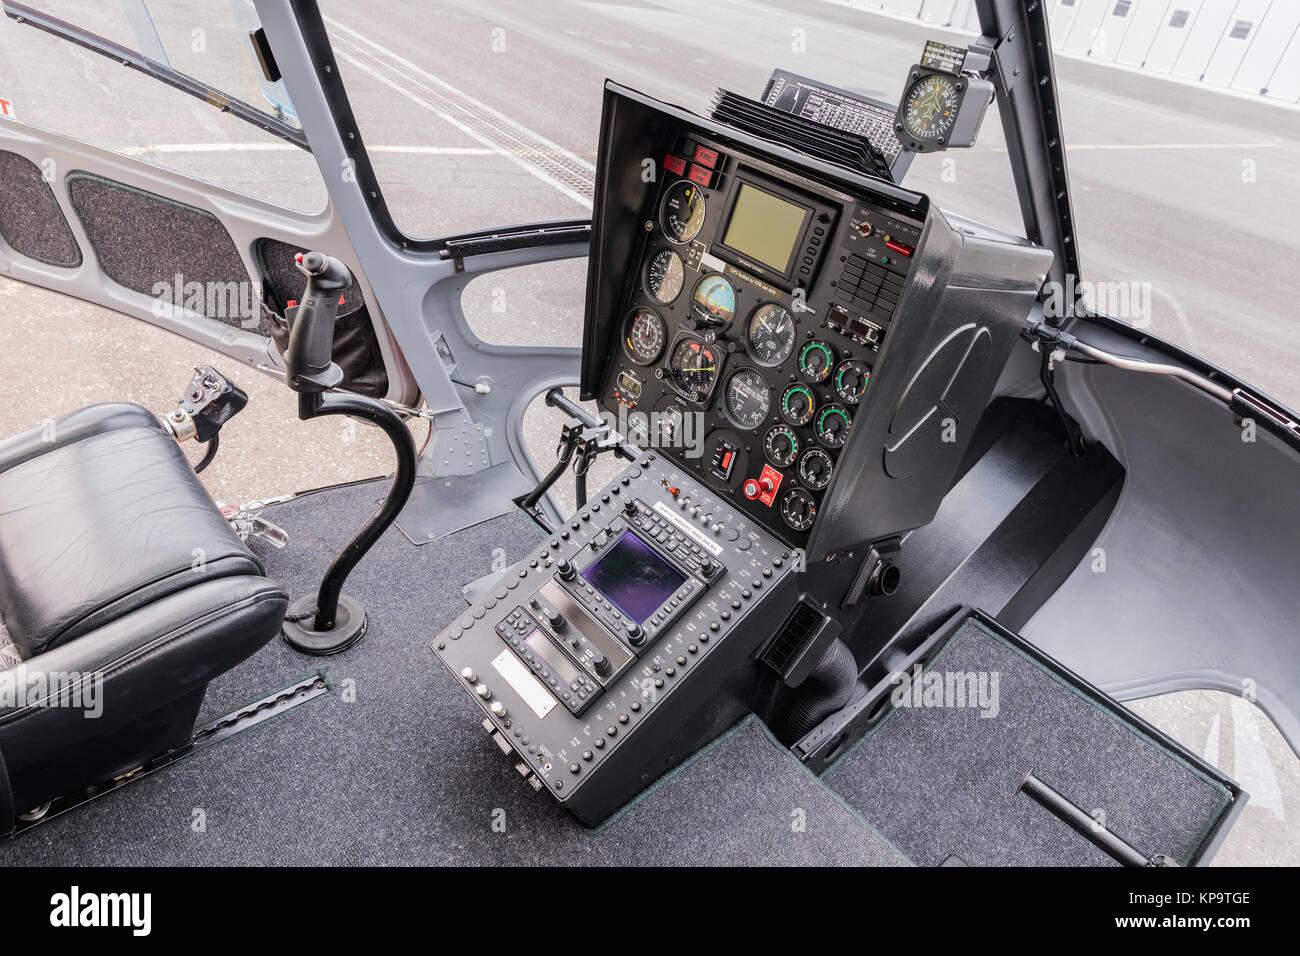 Elicottero Interno : Il cockpit elicottero pannello strumenti interno di elicottero